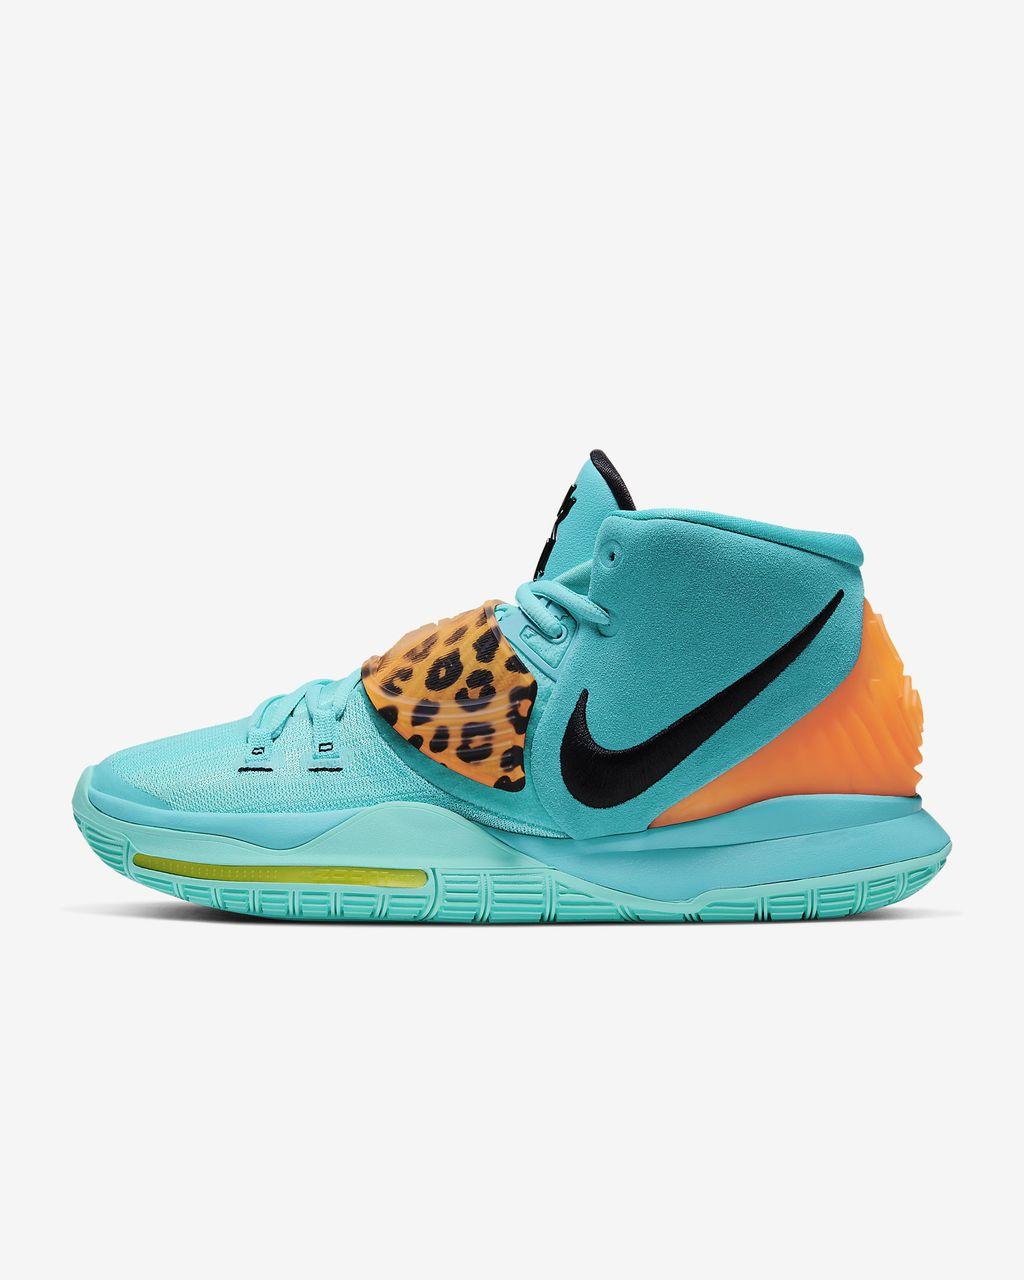 Shoes_-_Nike_Kyrie_6